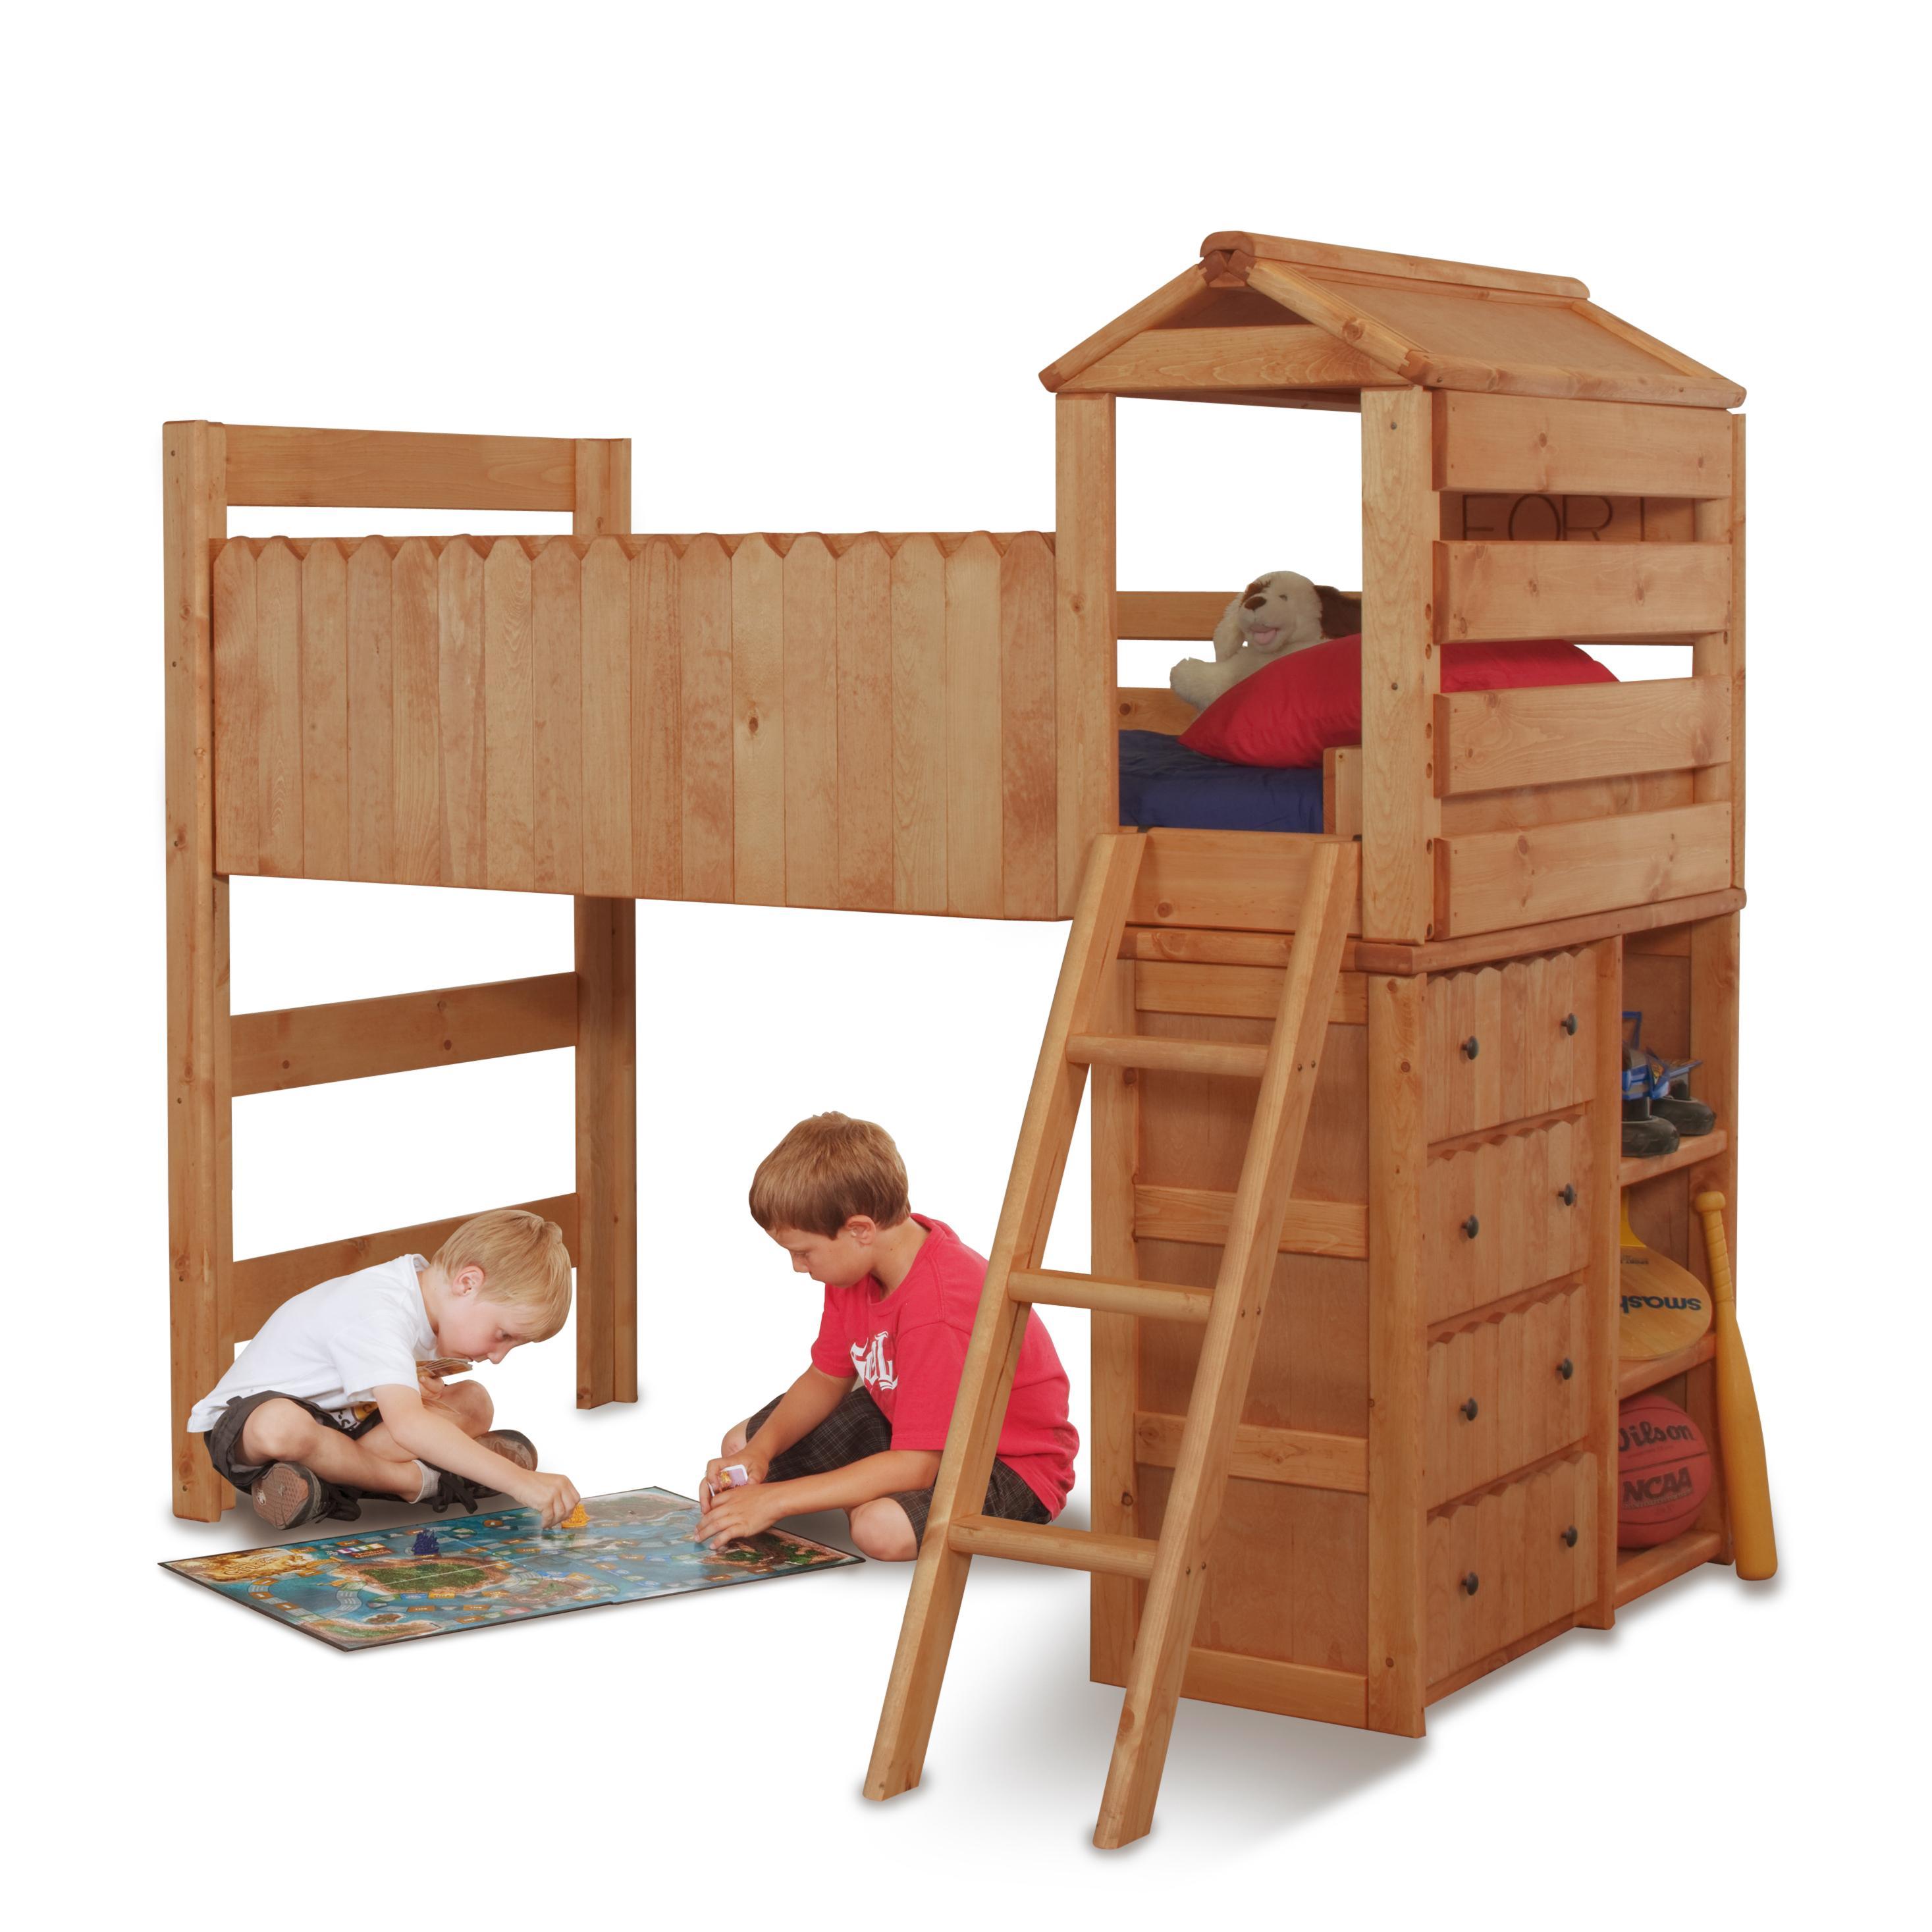 Bedroom Fort: Trendwood The Fort Twin Open Loft Fort Bed